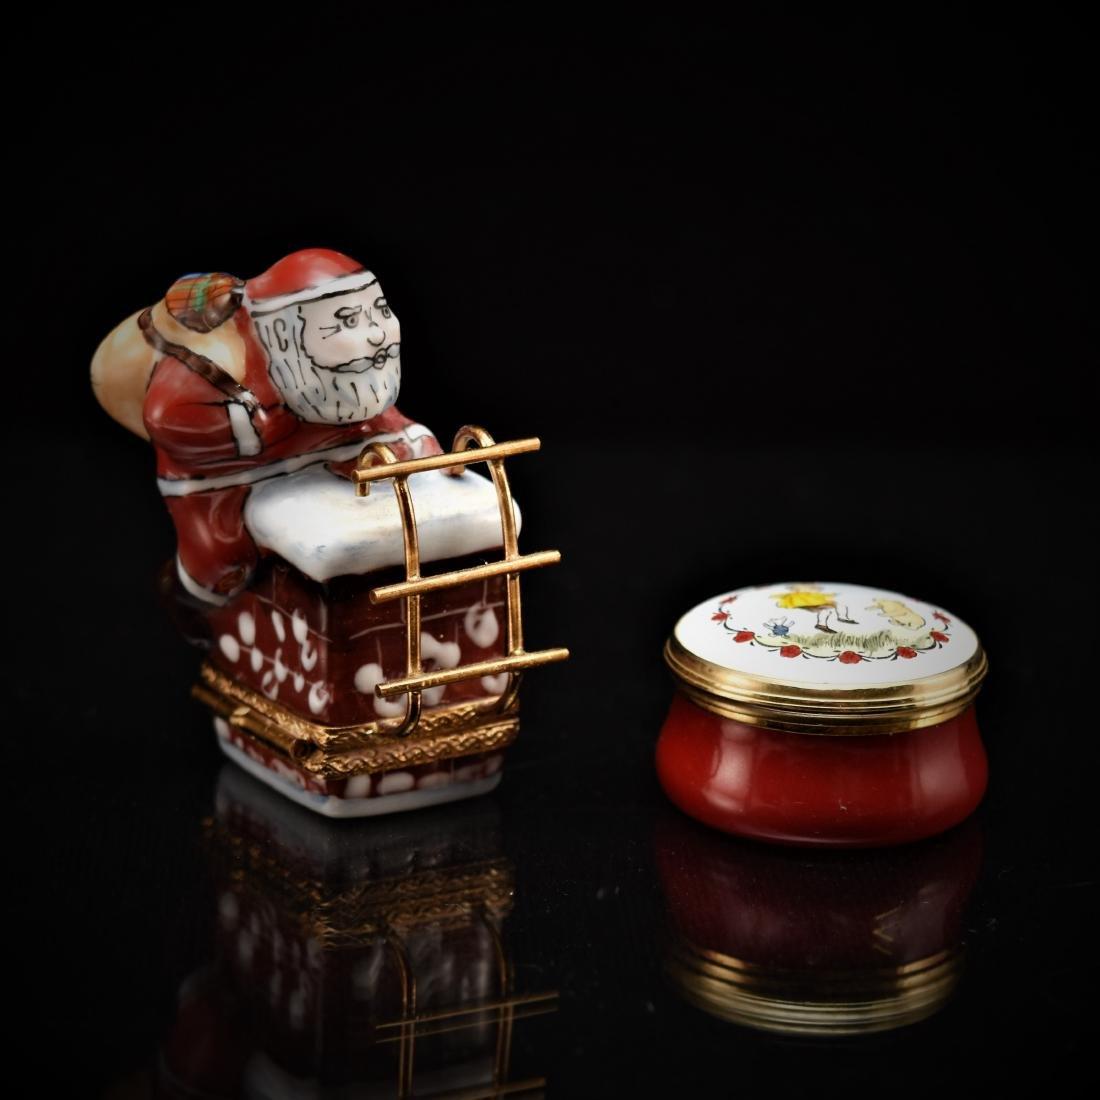 LIMOGES AND MINI PORCELAIN JAR